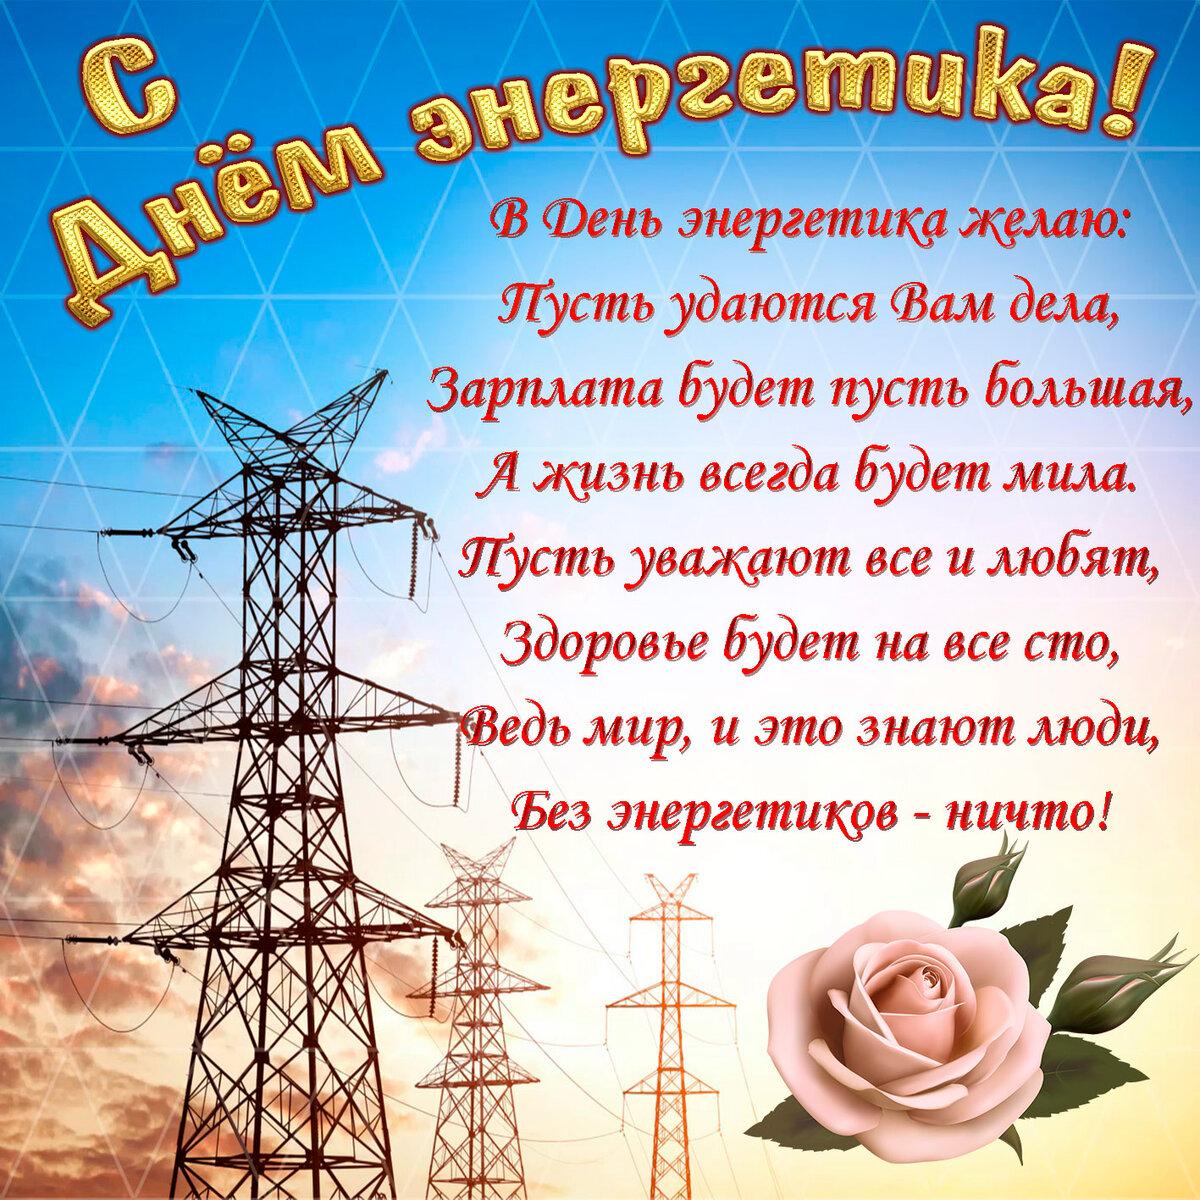 Сережке днем, поздравления на день энергетика в картинках